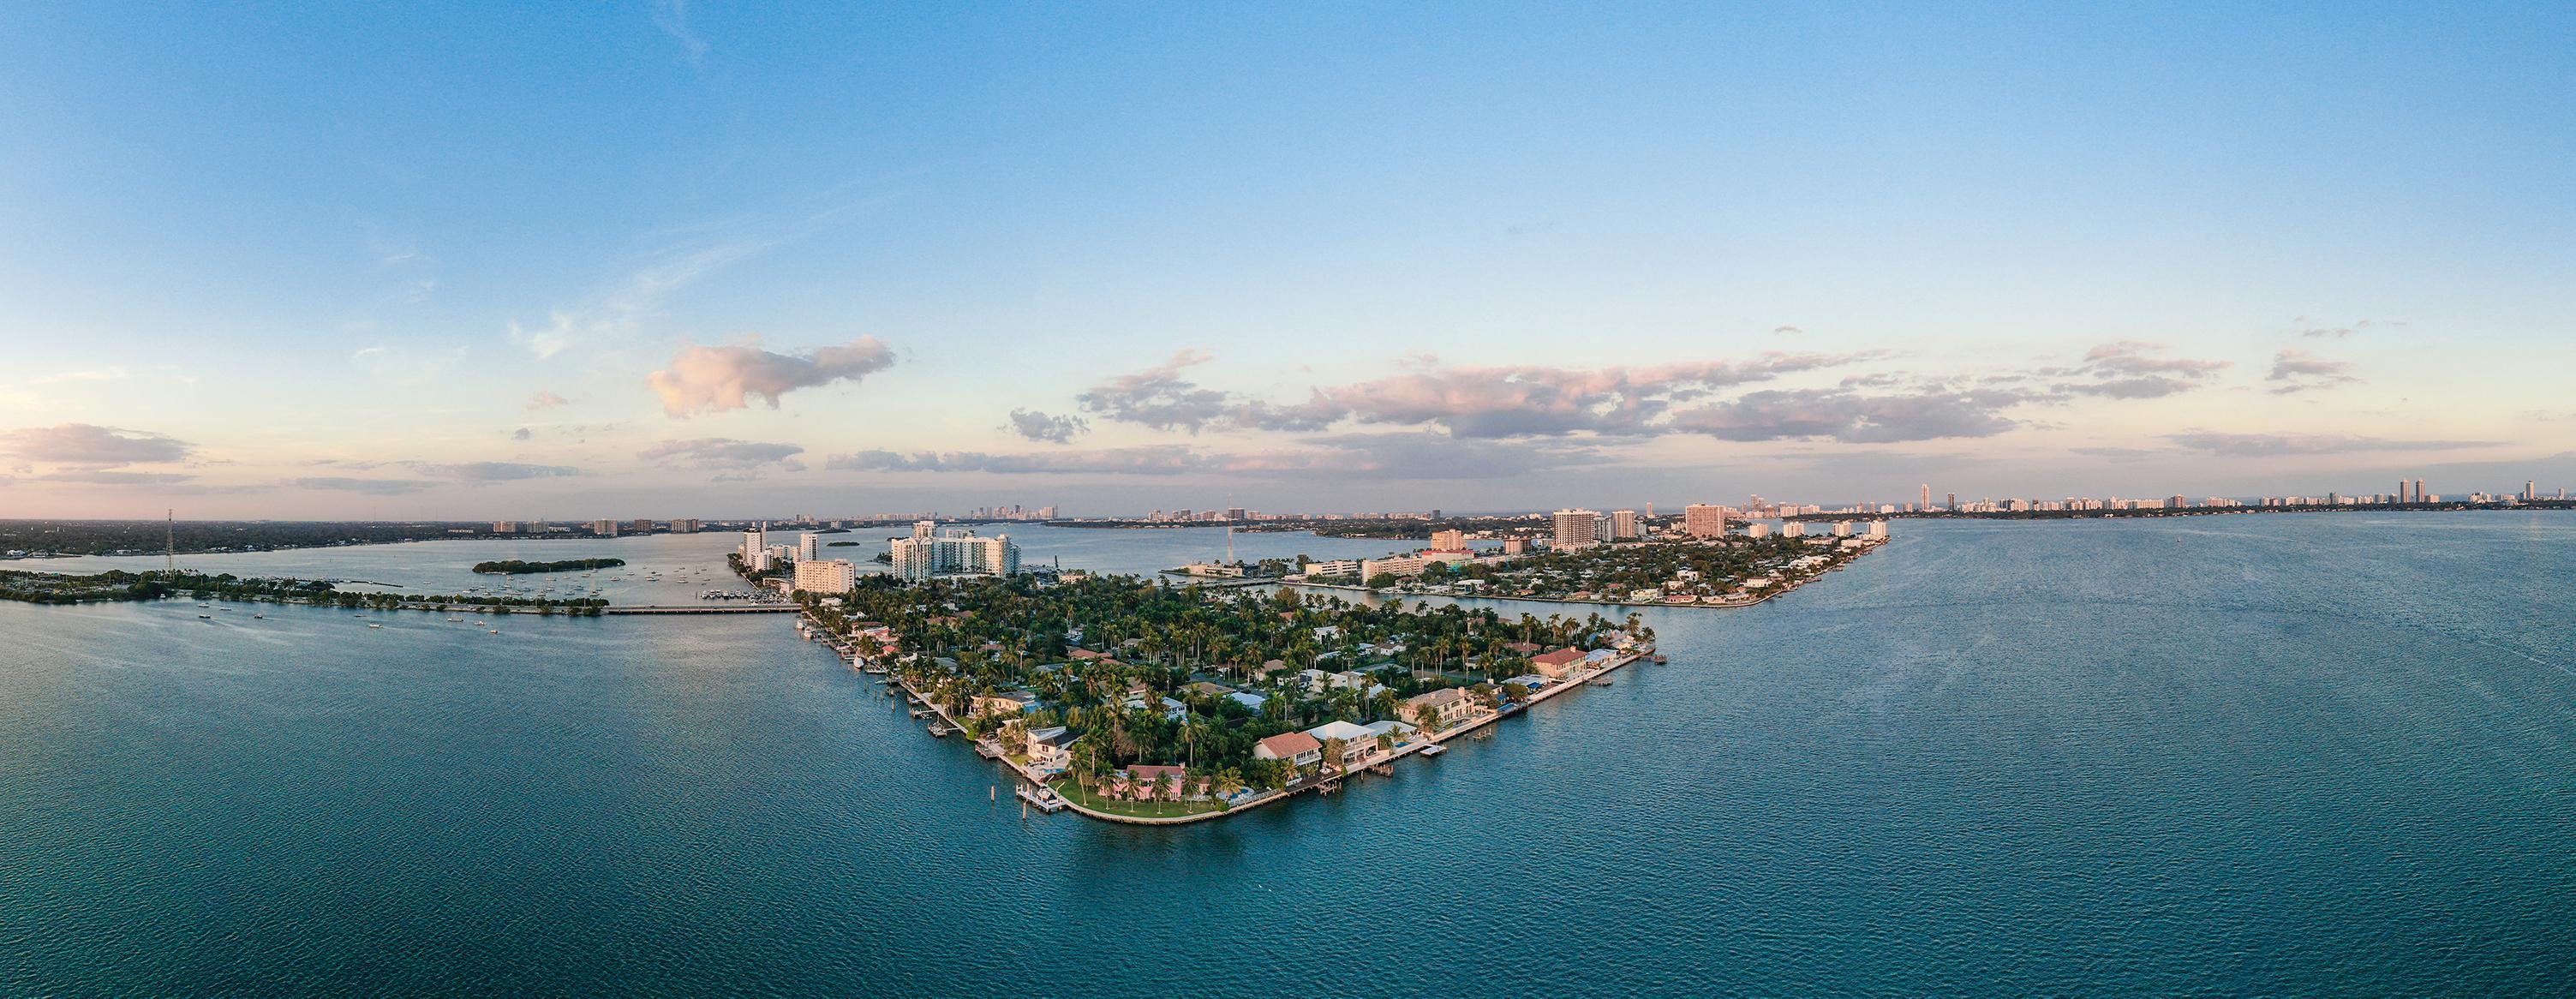 north bay village Miami